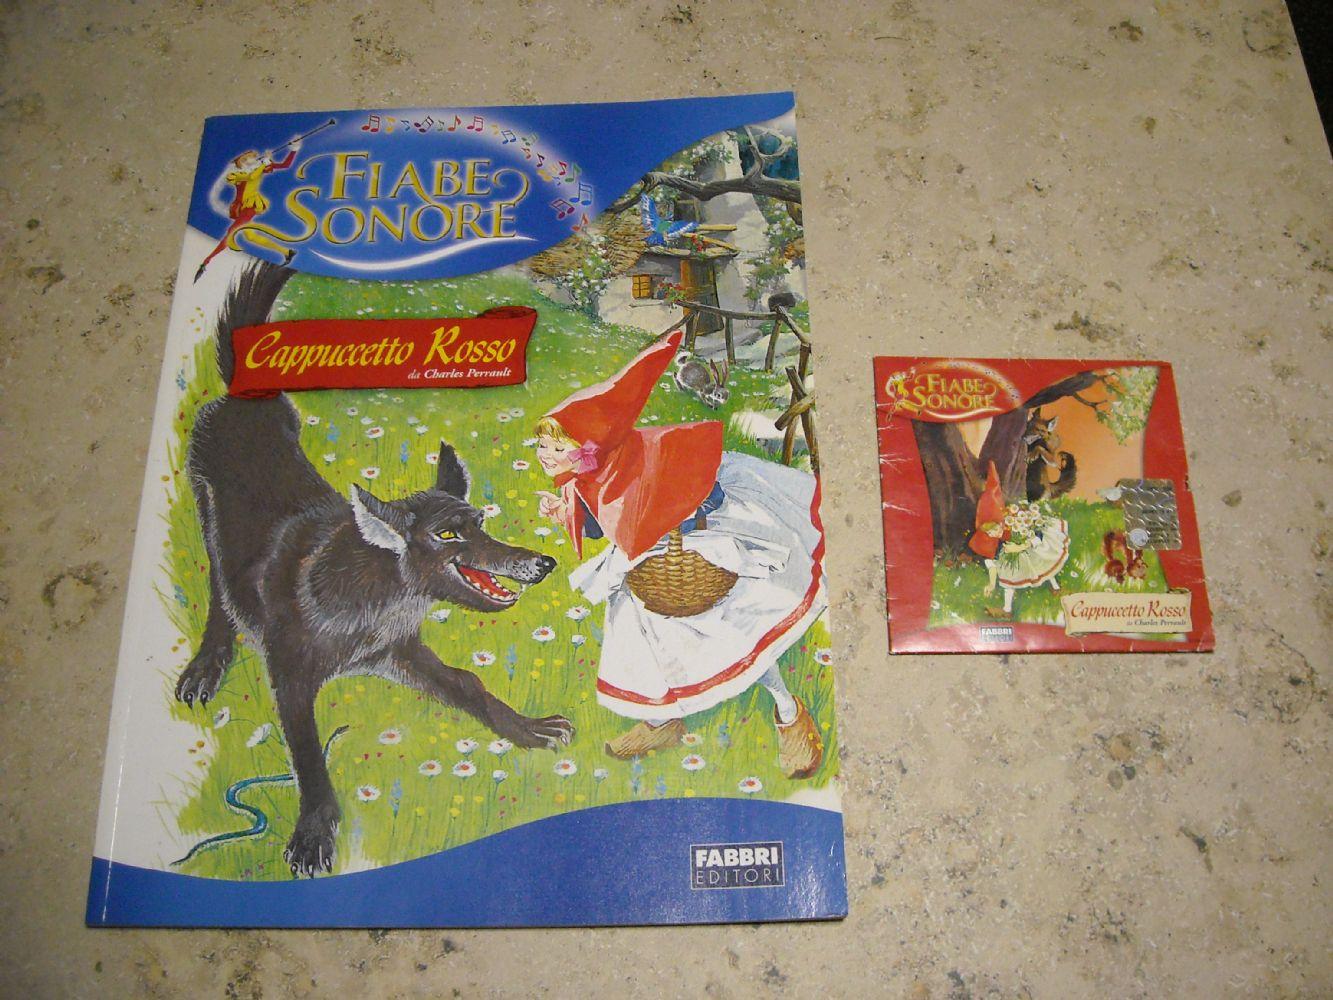 Conosciuto Baratto/Scambio: Fiabe sonore libro + CD [ Bimbi/Giocattoli e  LH62